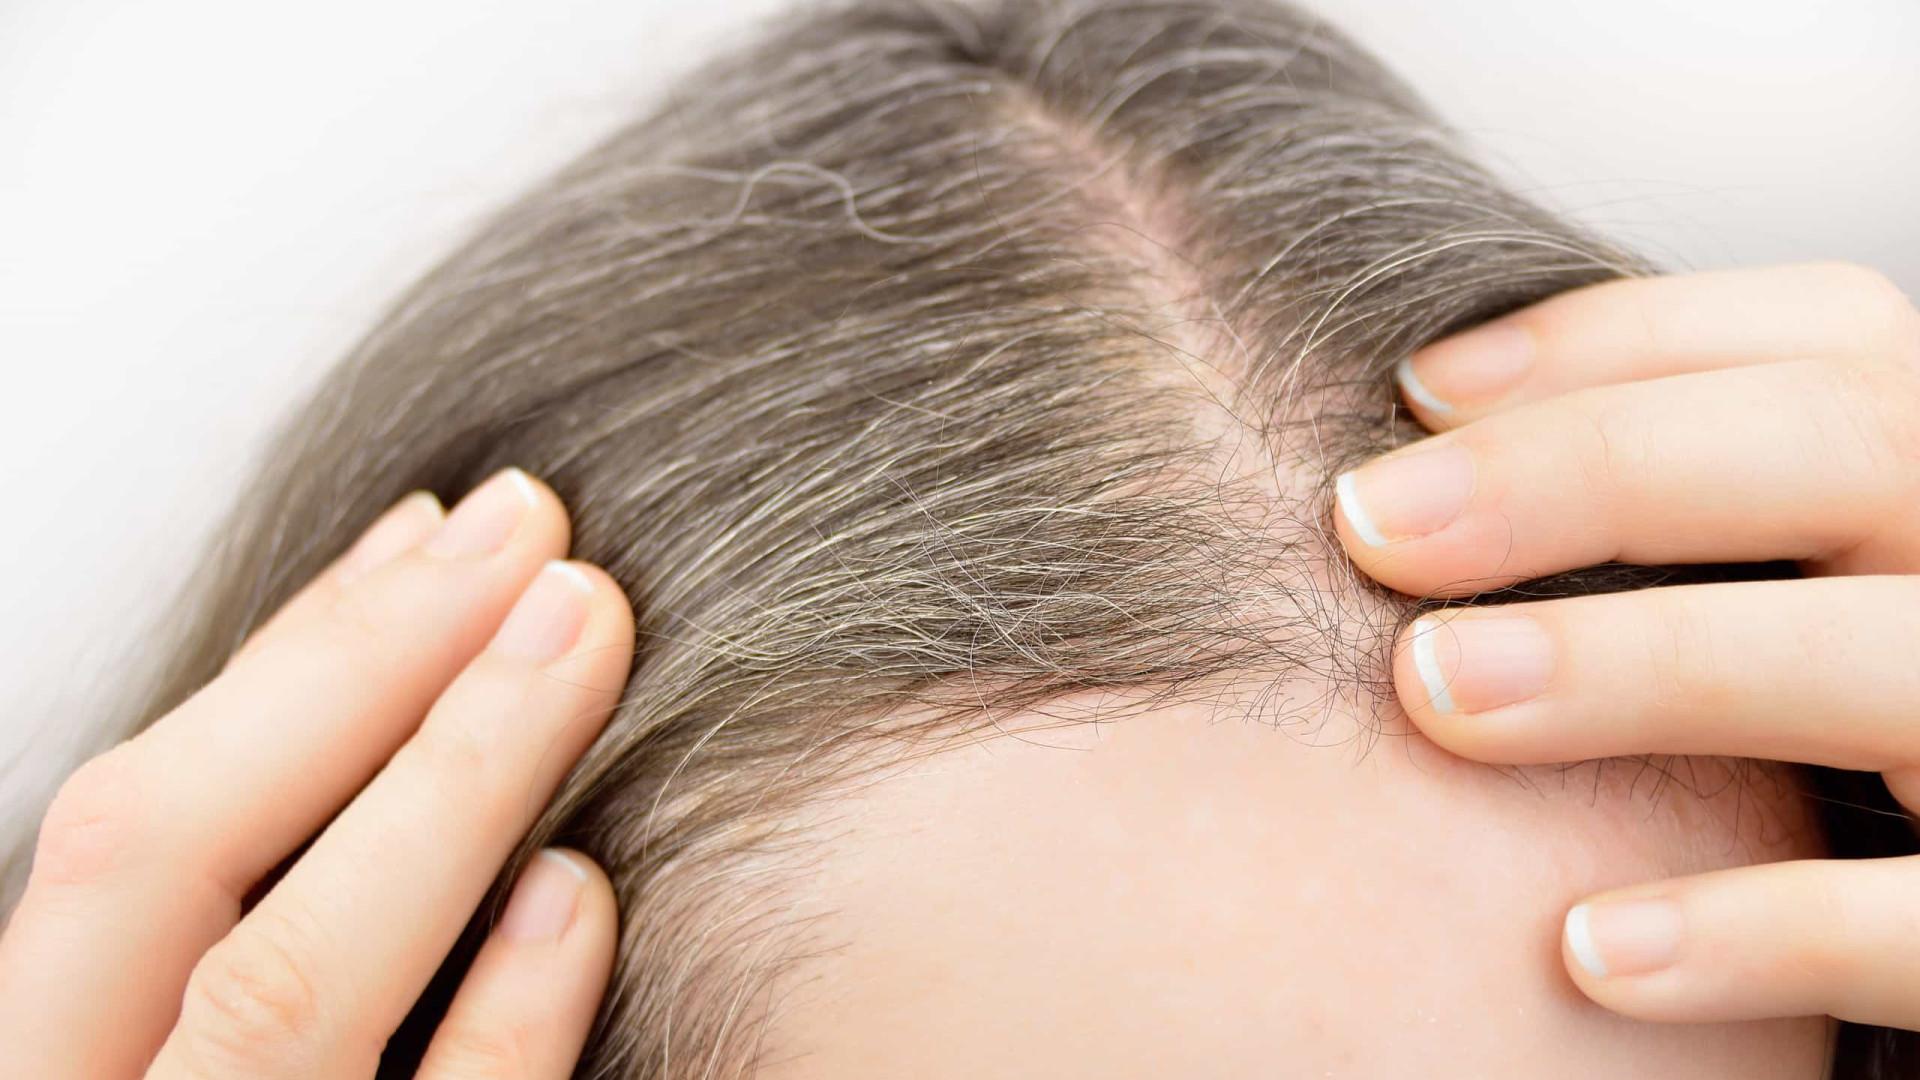 Mito ou facto: Afinal, o stress causa o aparecimento de cabelos brancos?